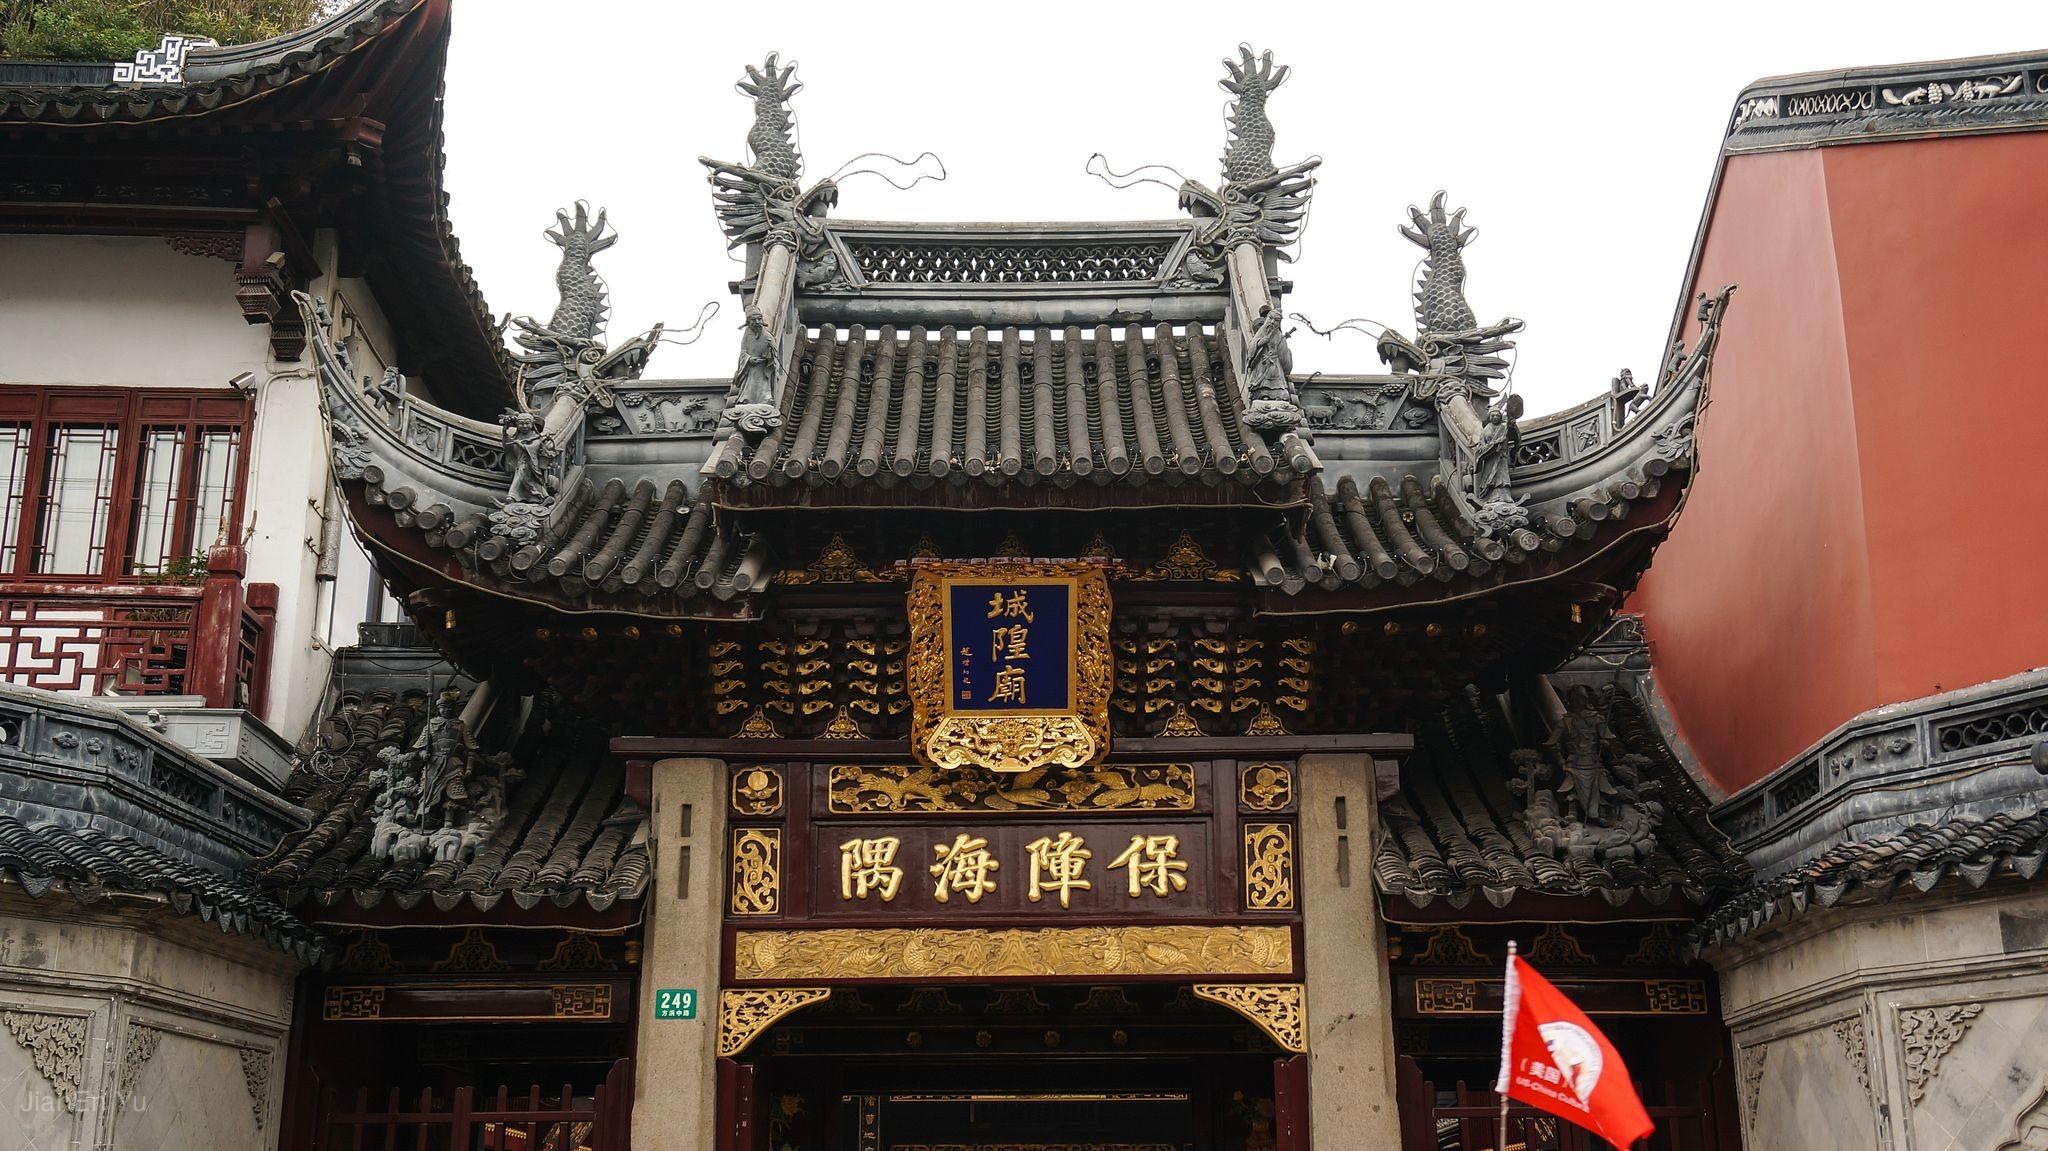 【中國世家】江南雙古鎮、迪士尼樂園、水鄉戀西湖、風情夜上海五日(含稅、無購物、無自費)